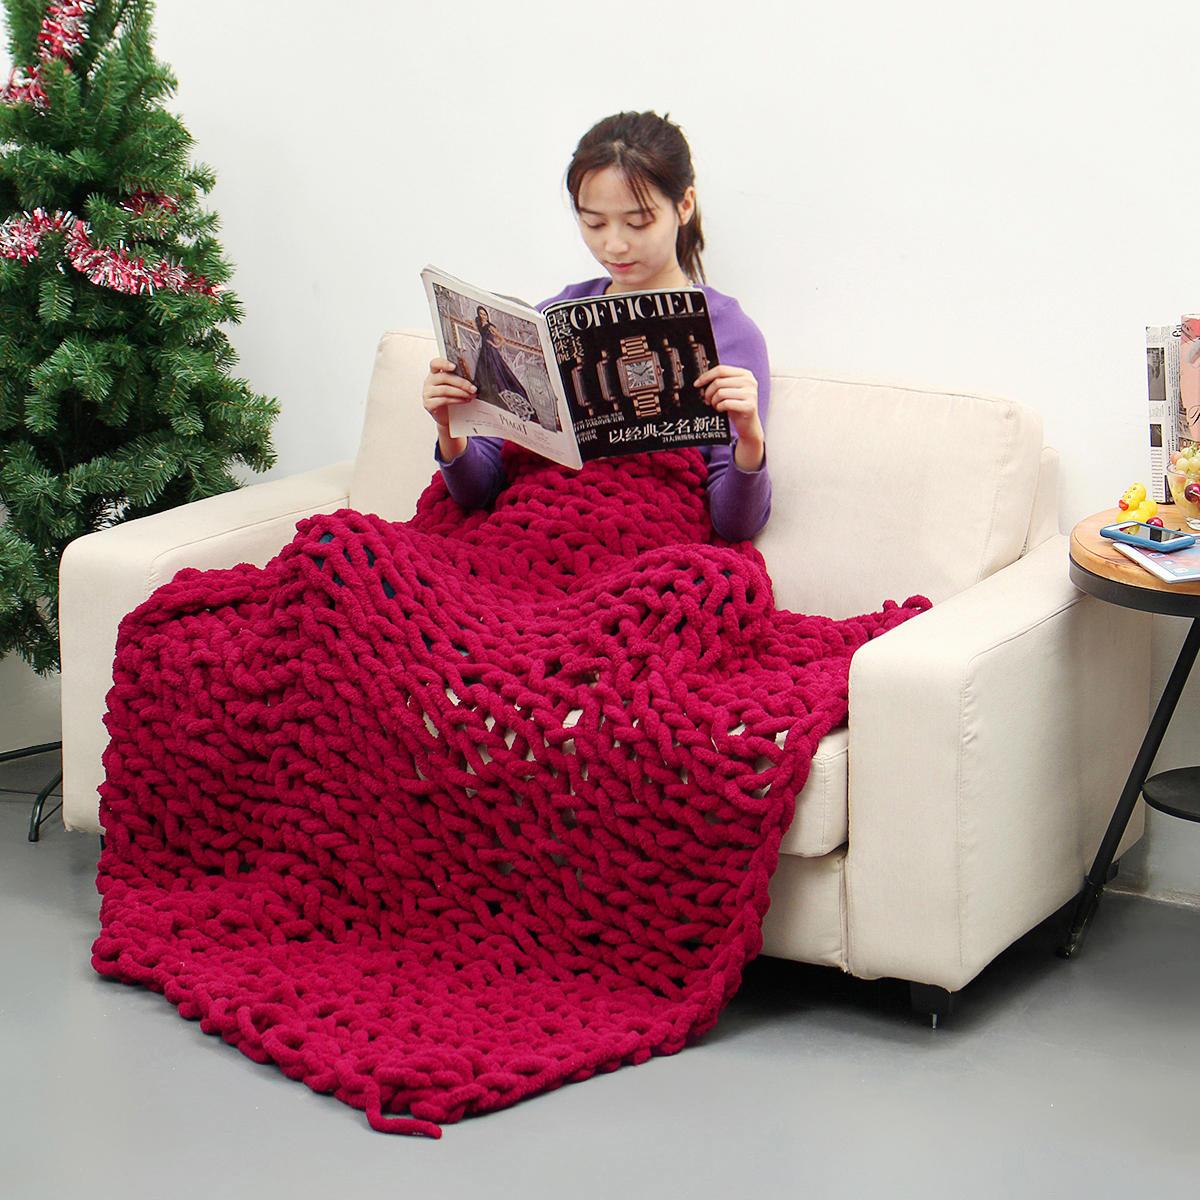 Manta de malha artesanal de algodão de 80 x 100 cm Soft mantas de algodão laváveis sem fiapos